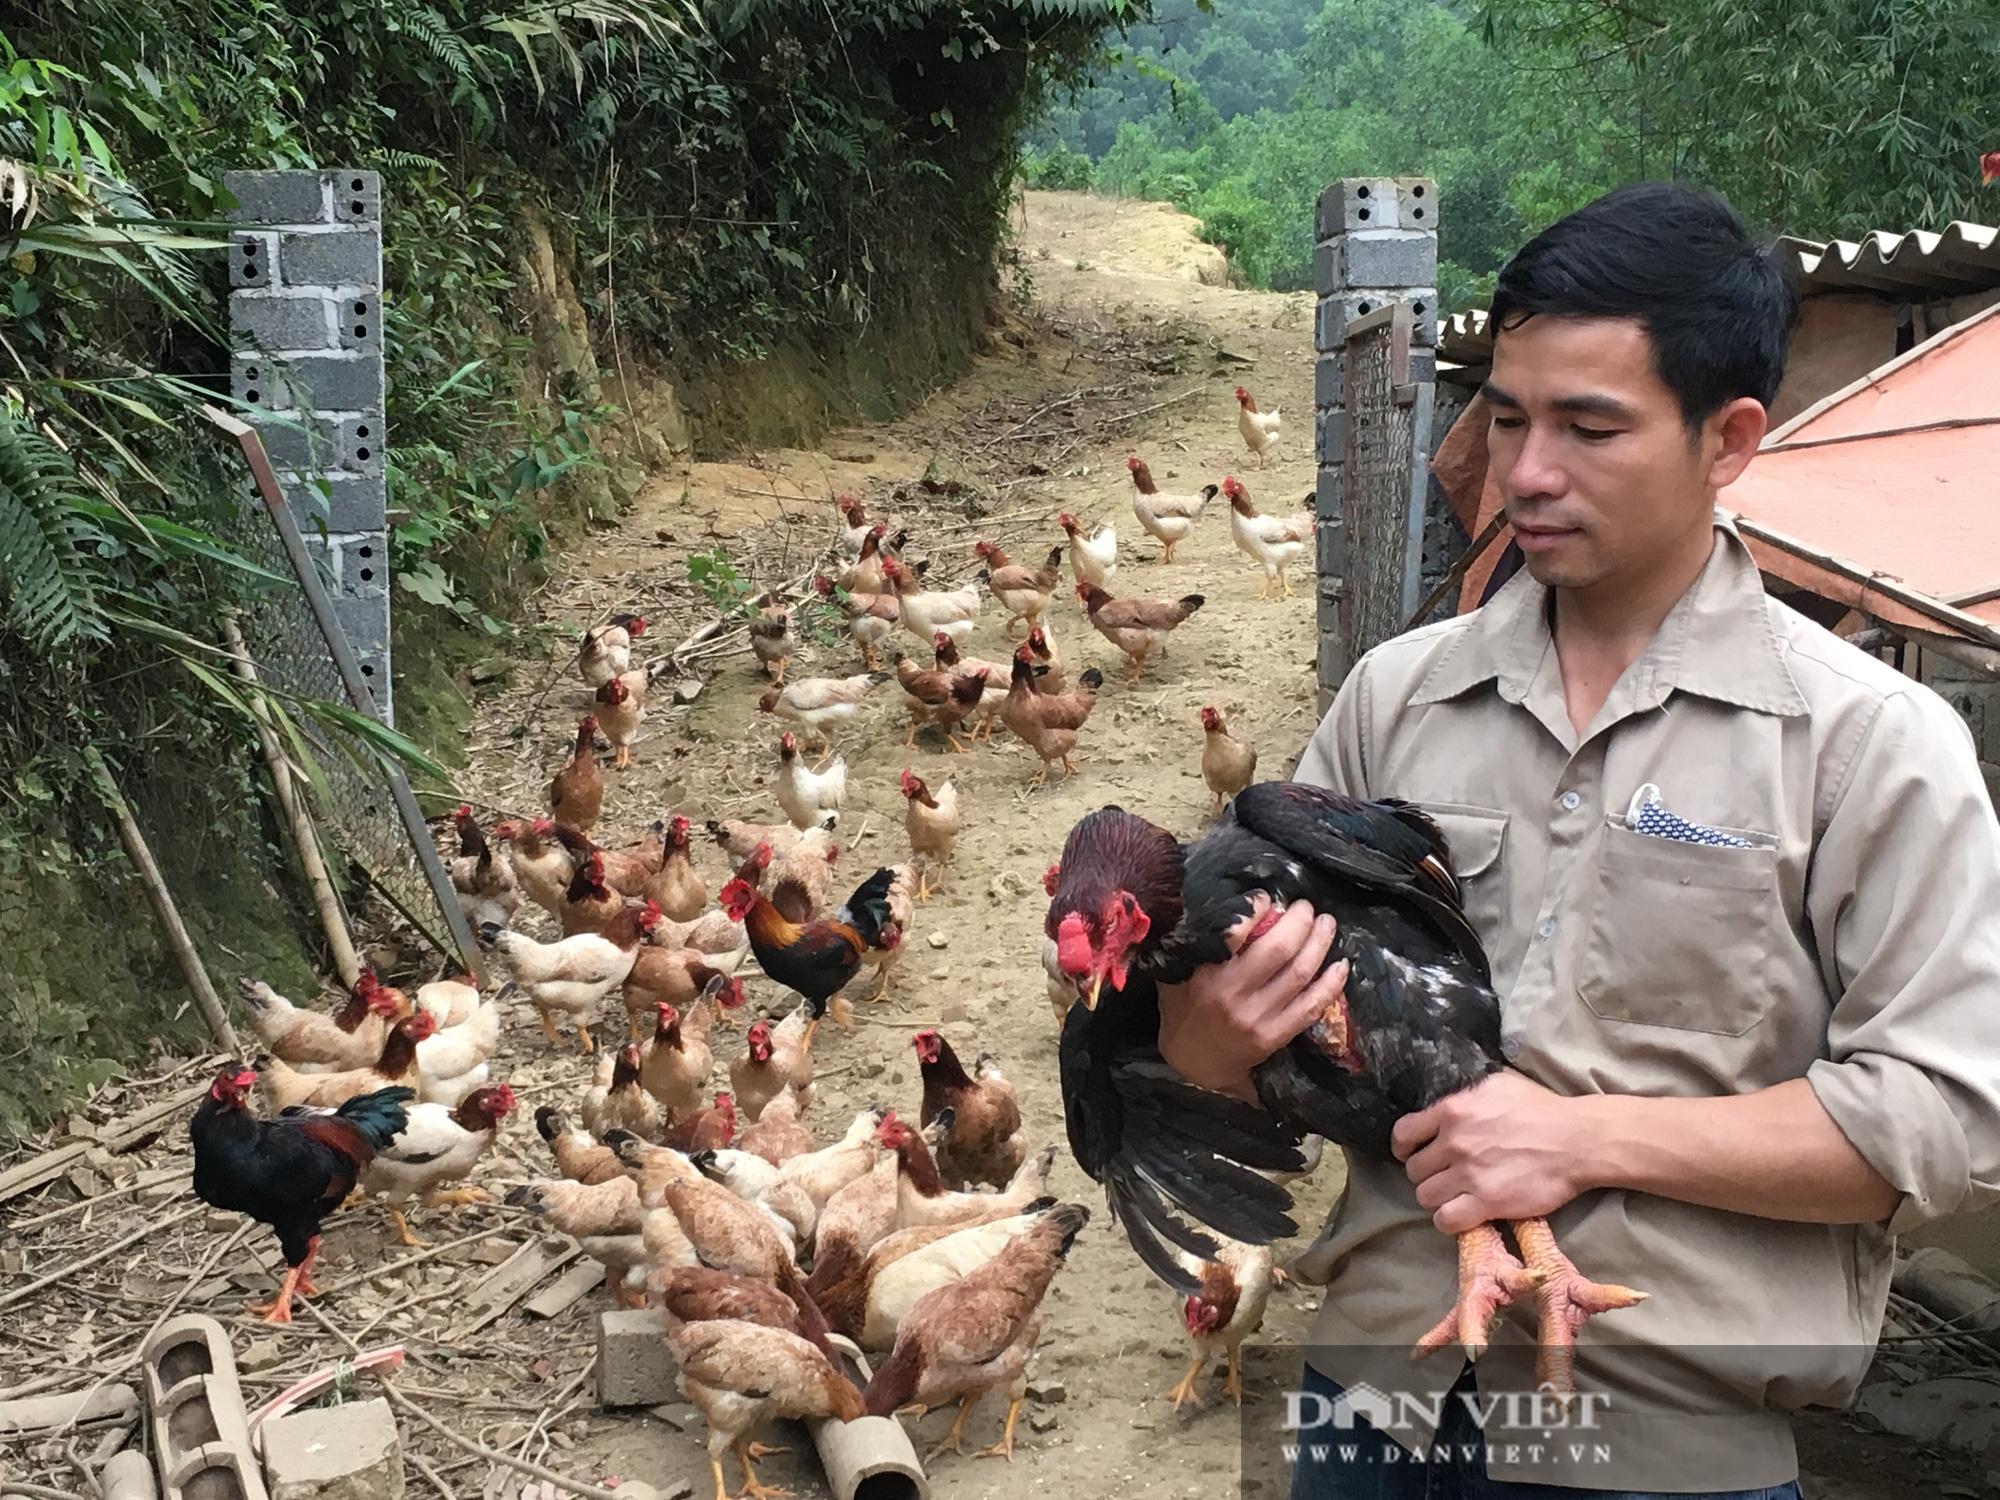 Trai xứ Mường nuôi gà thả vườn có của ăn của để - Ảnh 2.